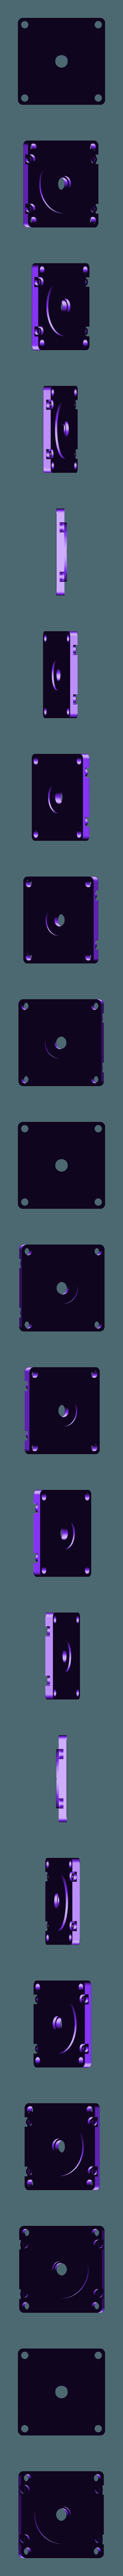 top_A.stl Télécharger fichier STL gratuit Nema 23 Lampe à moteur pas à pas • Objet à imprimer en 3D, Job